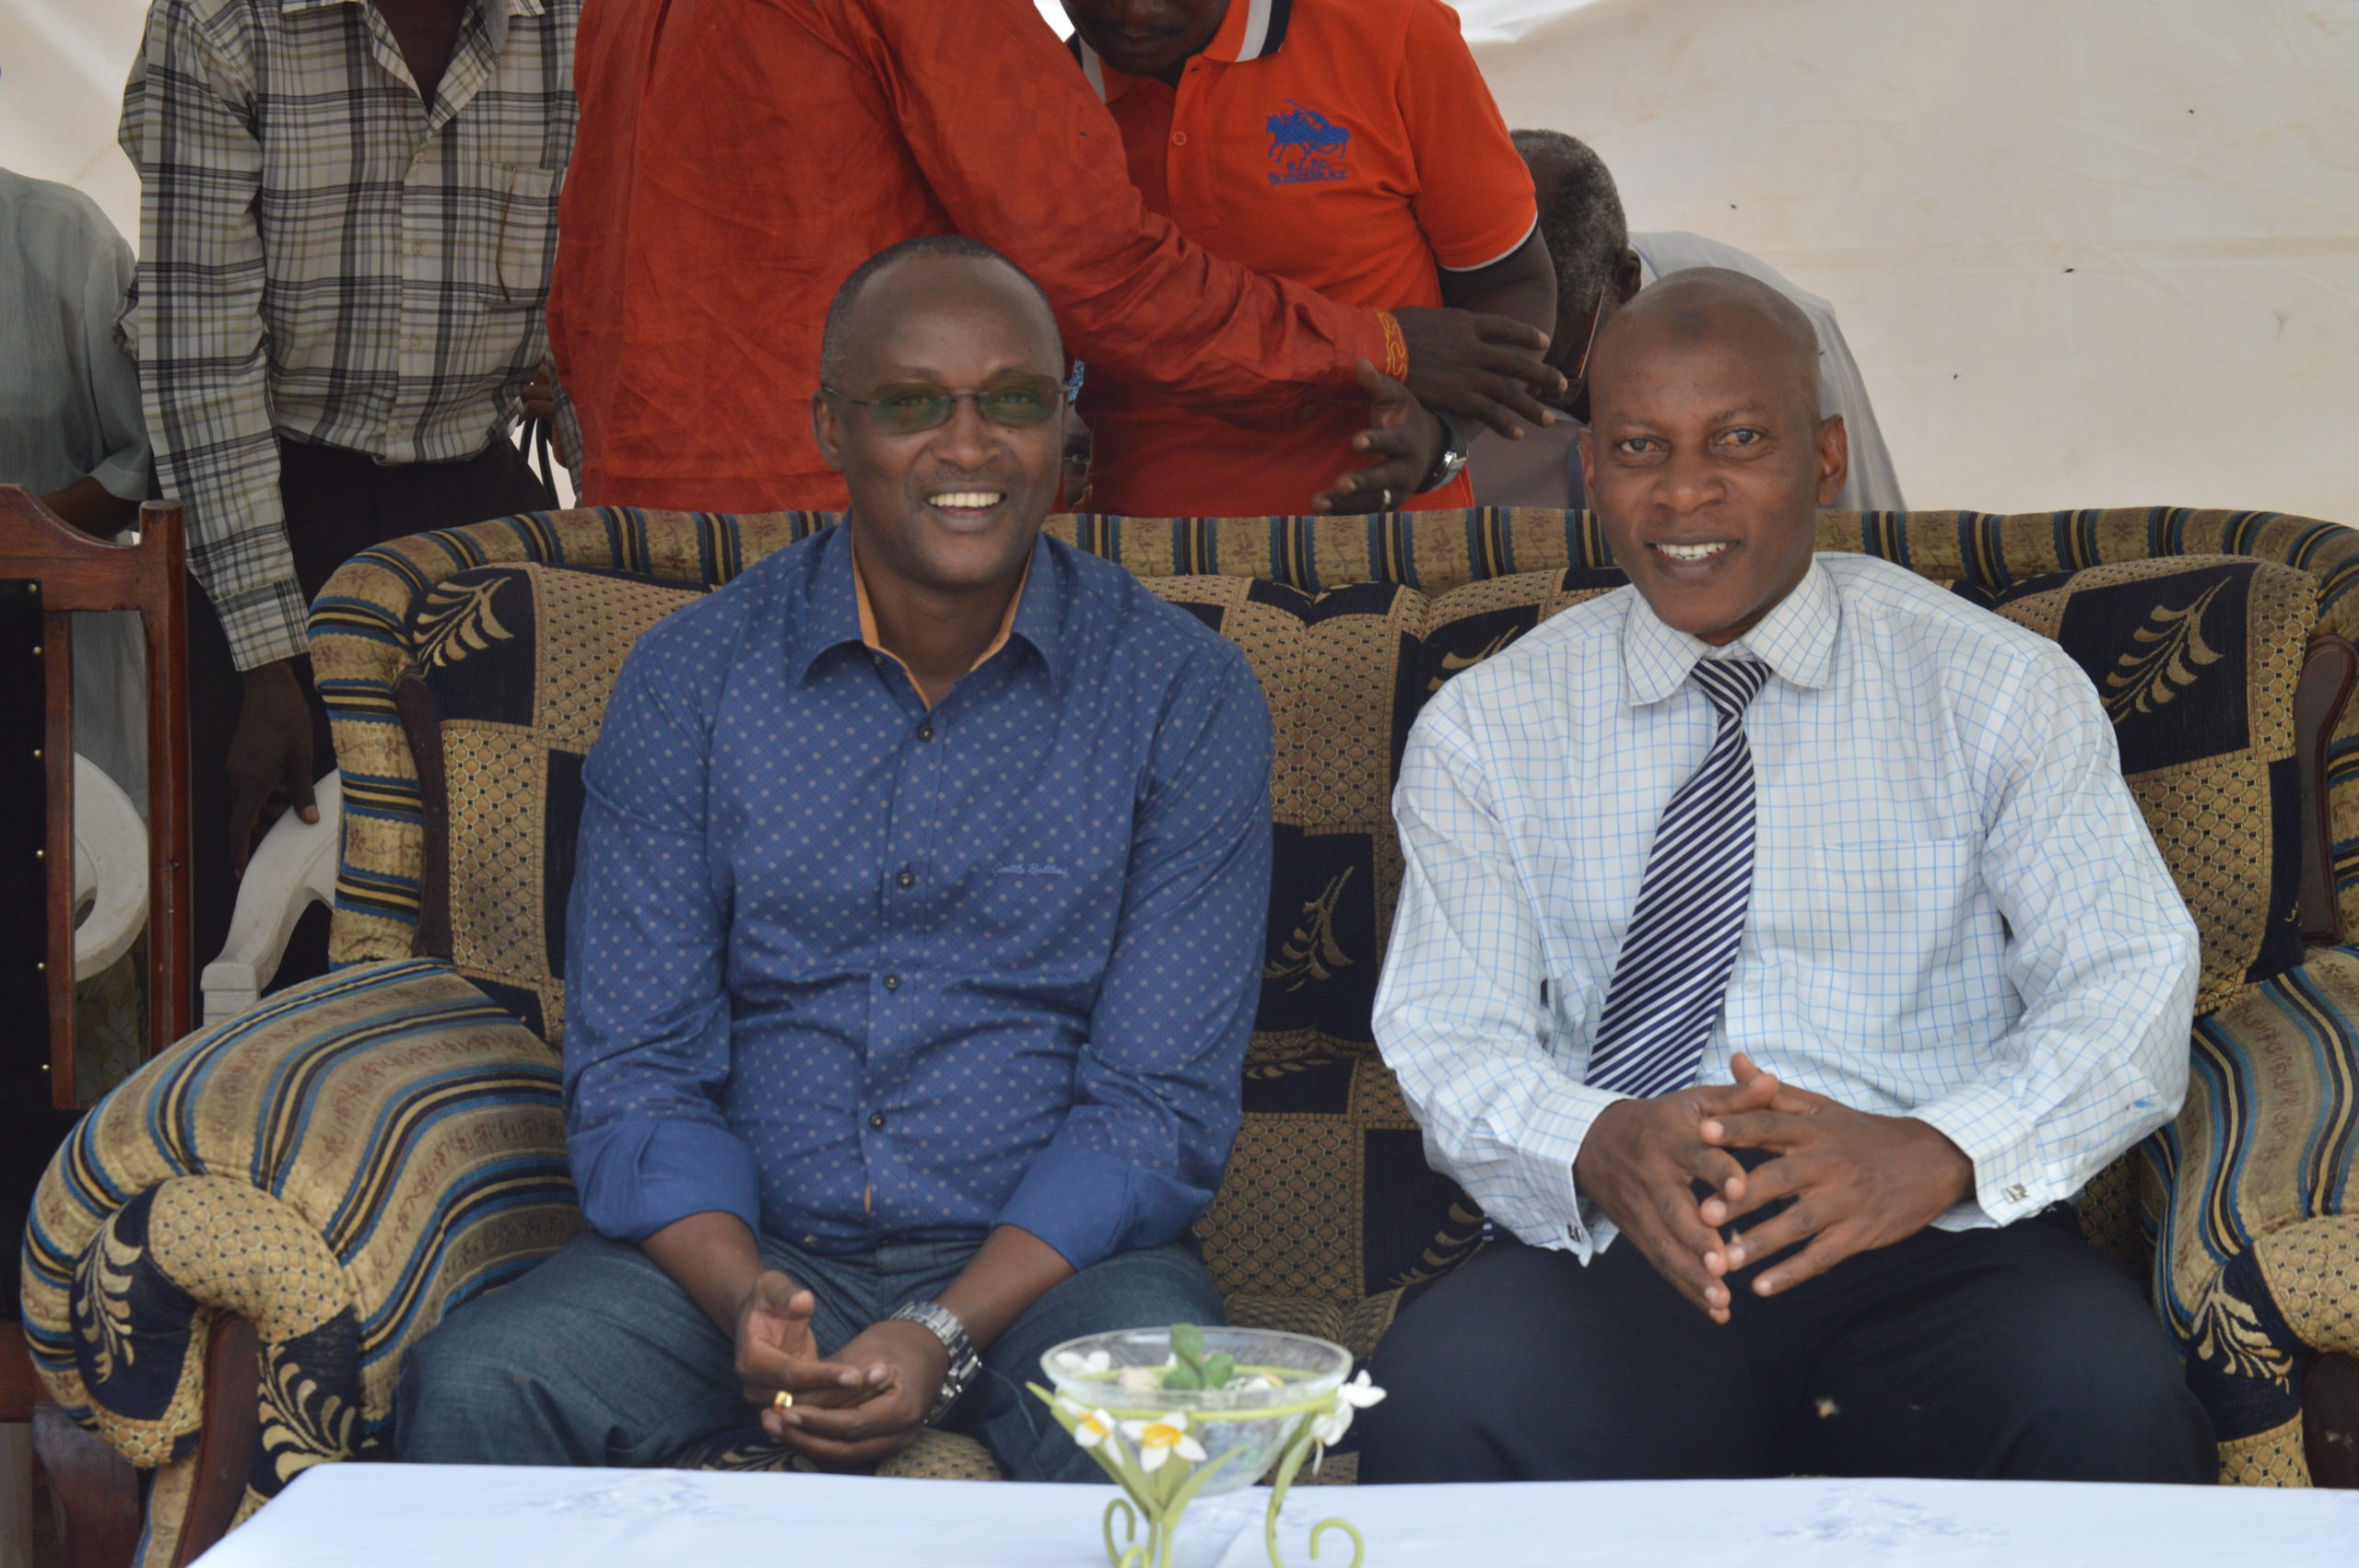 Le Premier Vice-Président à Jabe pour les activités d'encadrement des jeunes en vacances